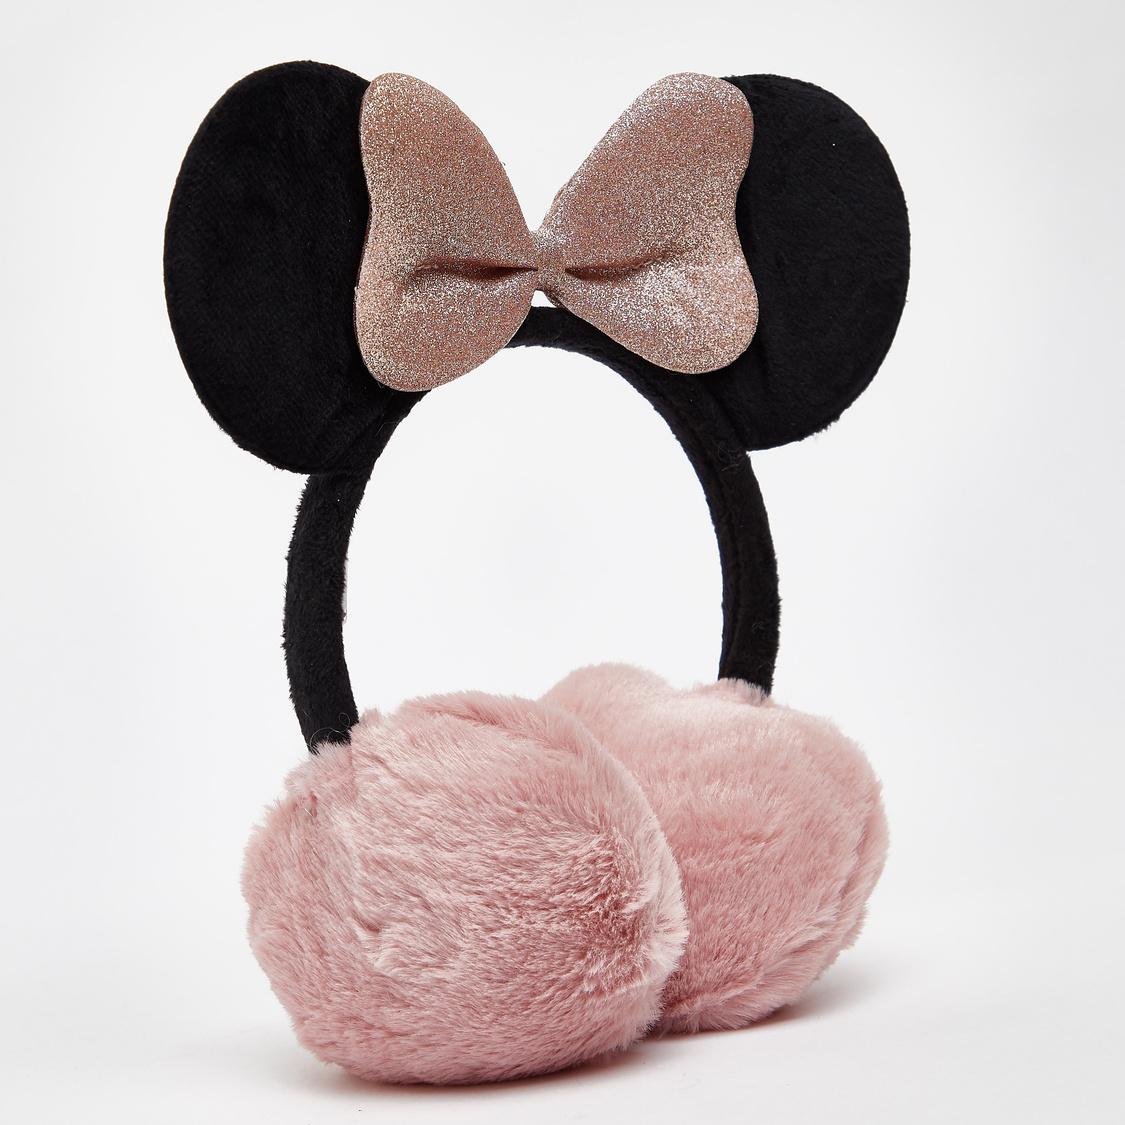 غطاء أذنين بتصميم ميني ماوس